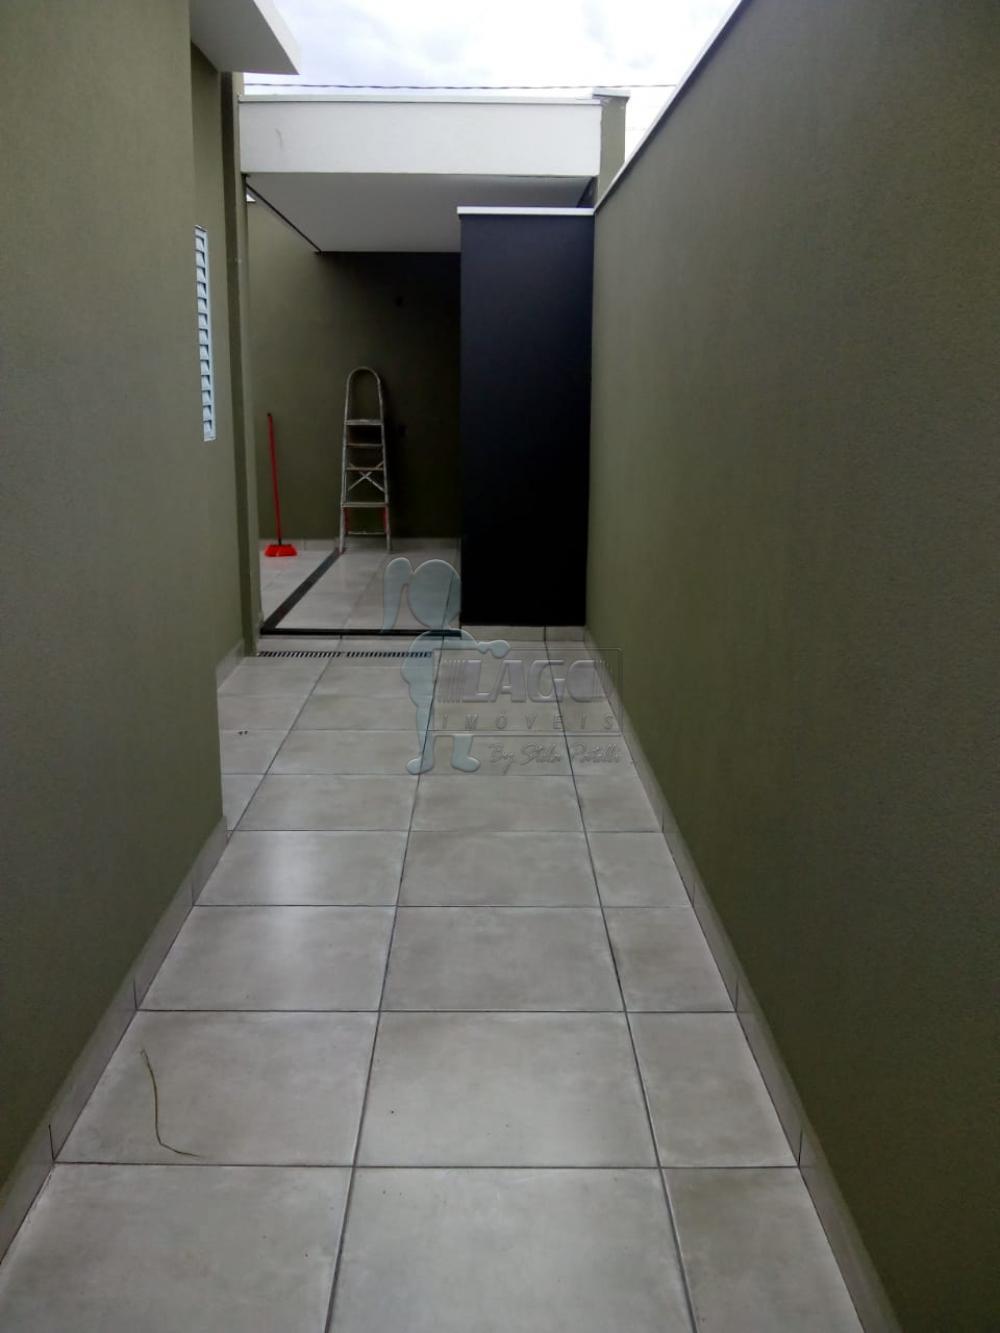 Comprar Casas / Padrão em Bonfim Paulista apenas R$ 369.000,00 - Foto 13